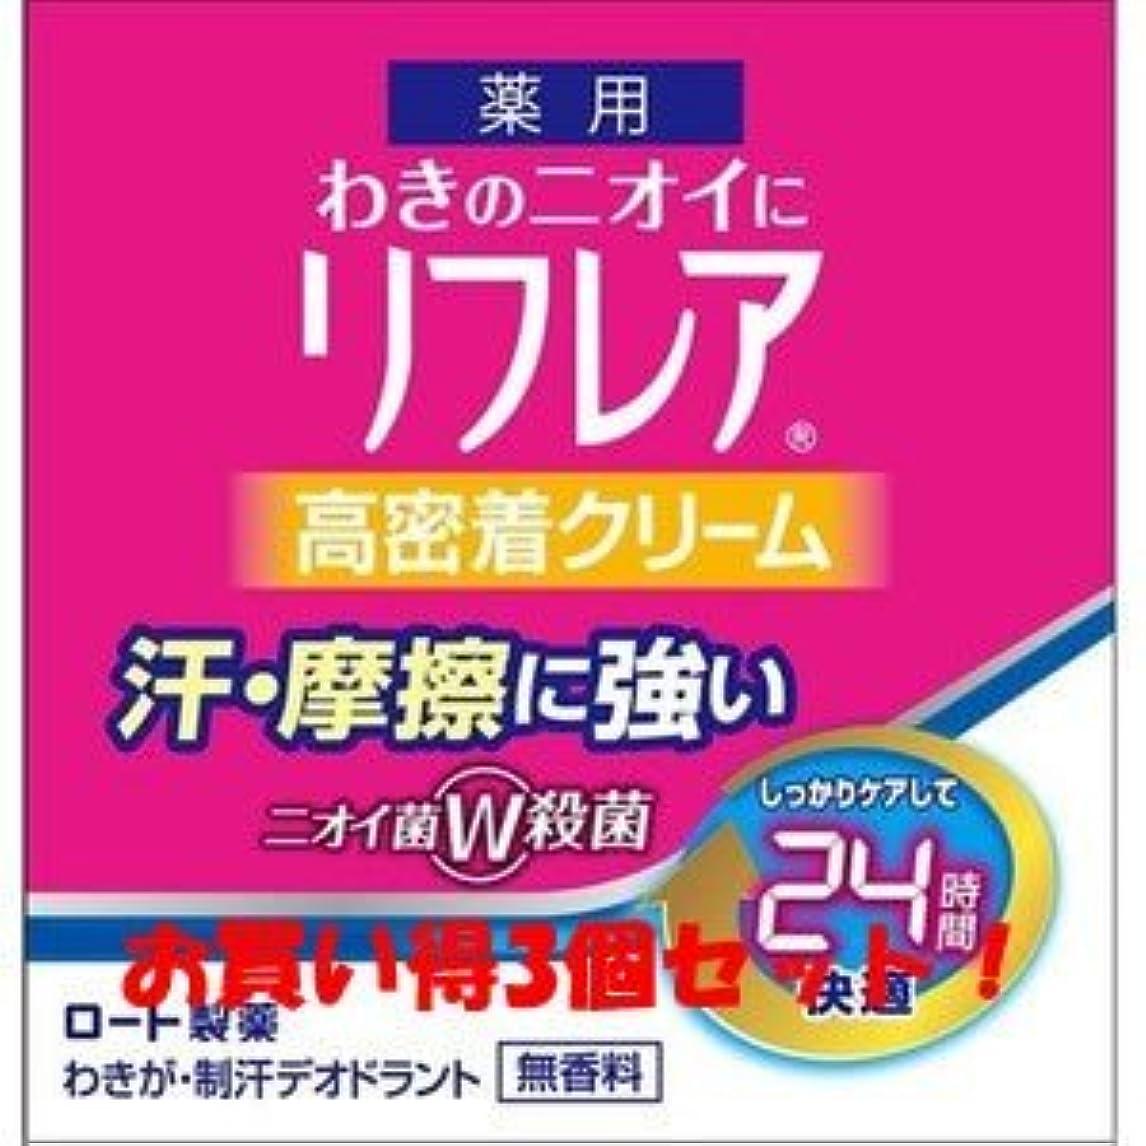 模索入学するアイデア(ロート製薬)メンソレータム リフレア デオドラントクリーム 55g(医薬部外品)(お買い得3個セット)